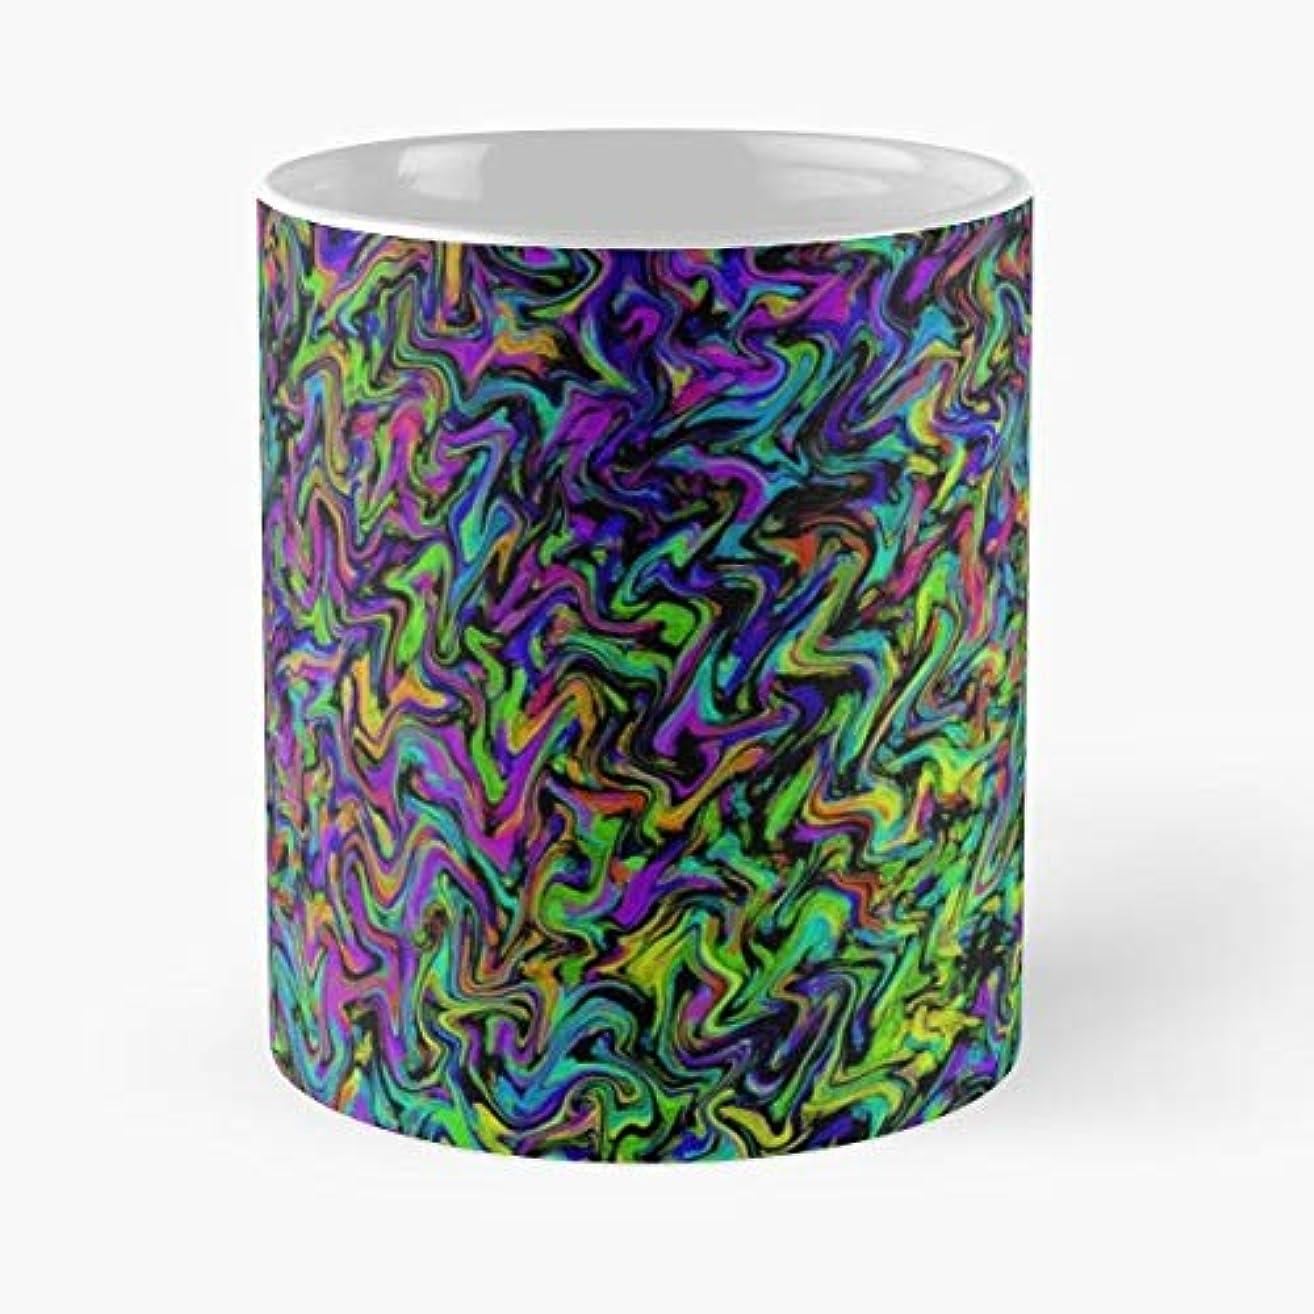 Tie Die Hipster High Hippie Coffee Mugs Best Gift 11 Oz